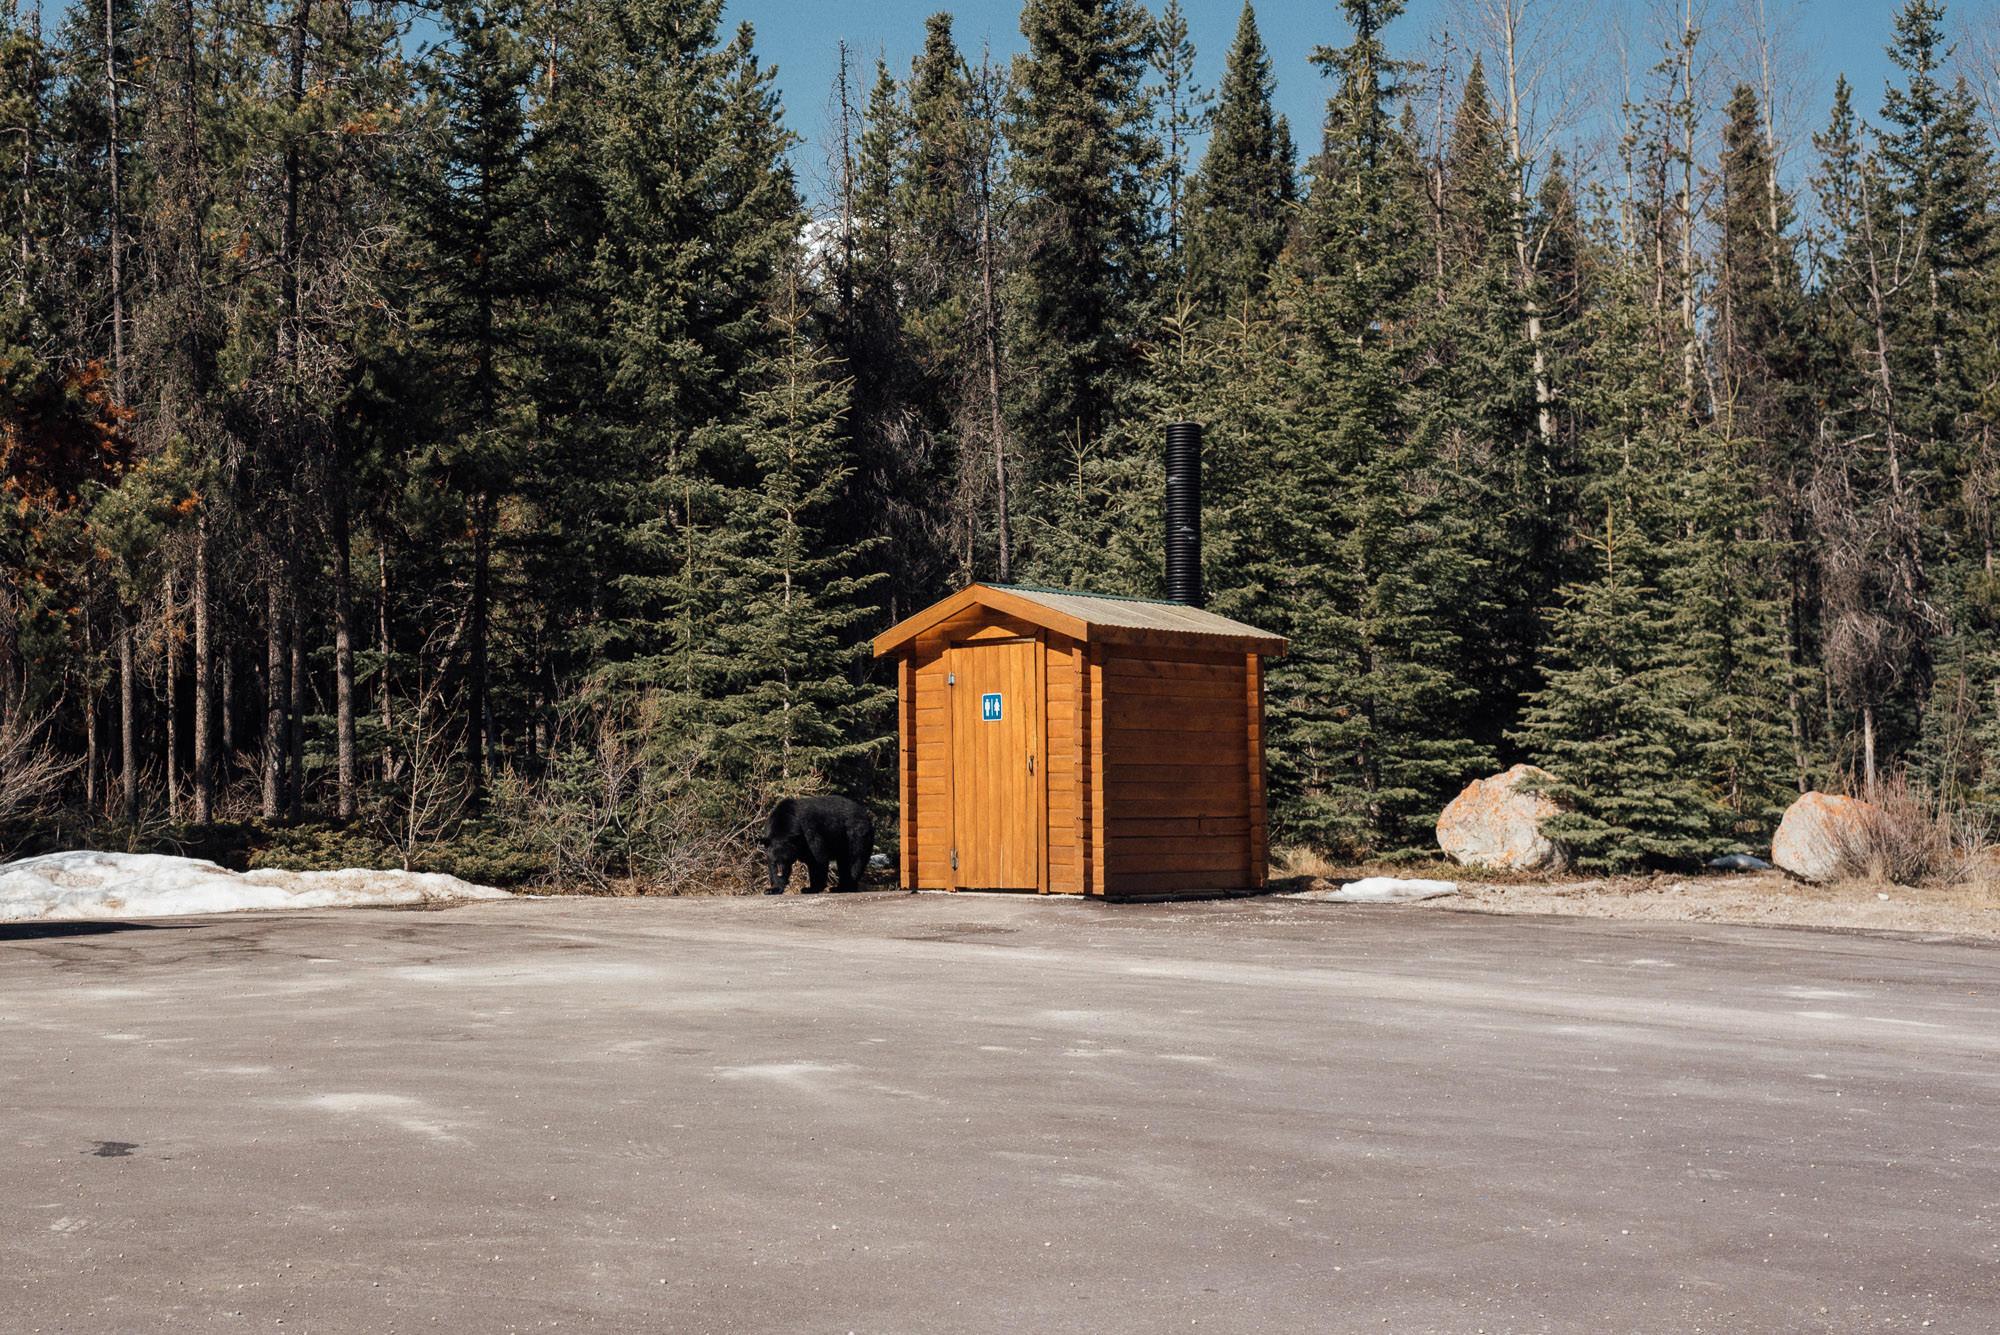 Niedźwiedź w okolicach Jasper